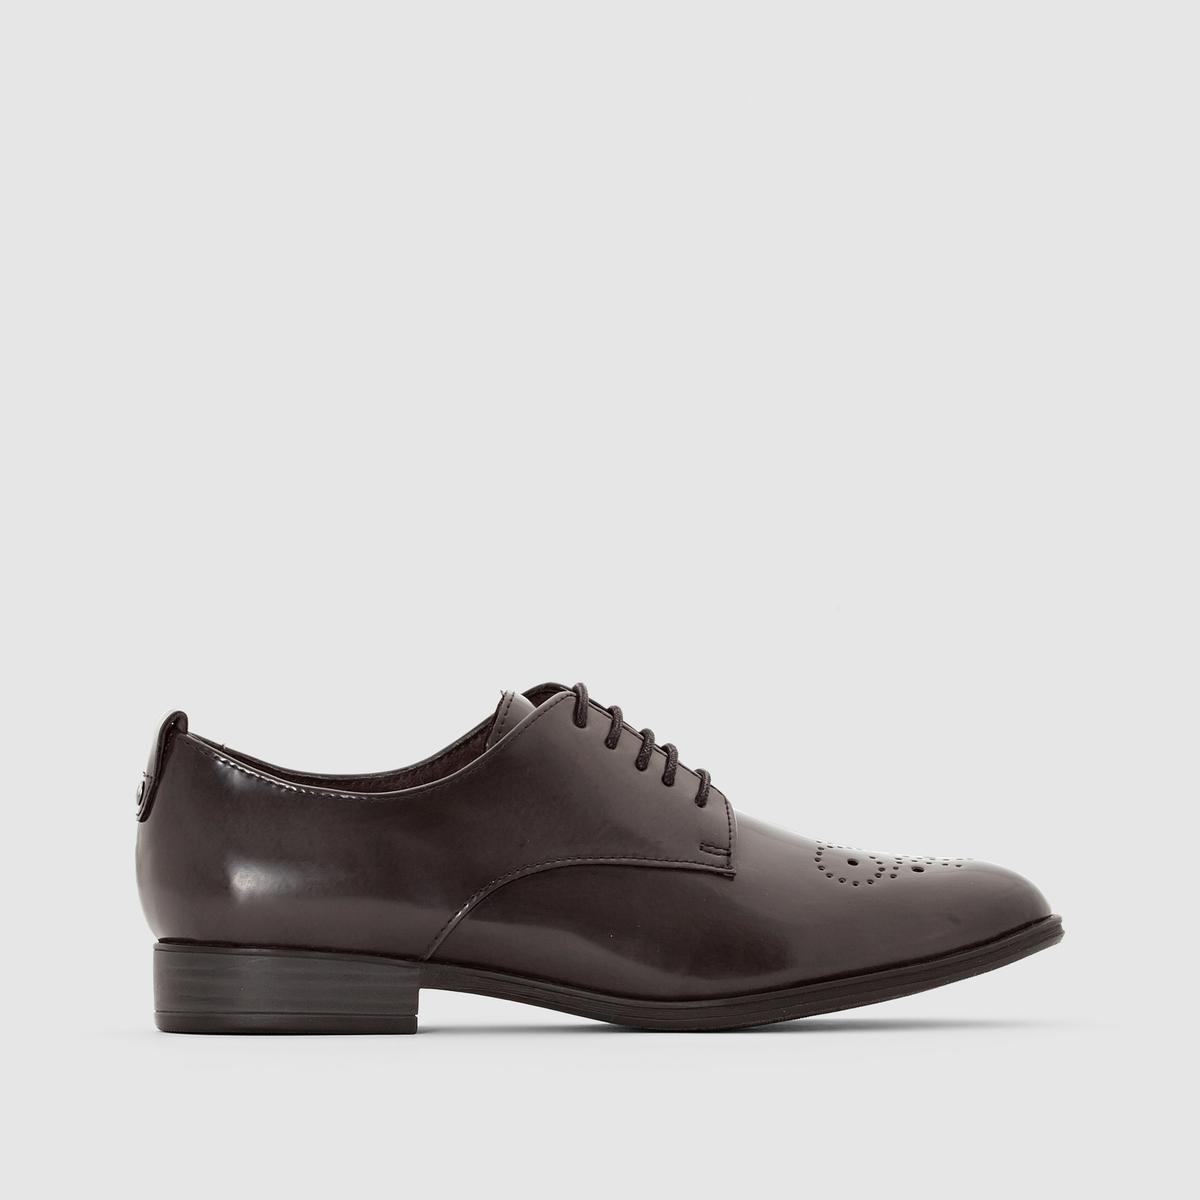 Дерби 23201Подкладка : Коже и текстиль    Подошва: Синтетический материал.   Высота каблука: 2,5 см.   Форма каблука : Плоский каблук   Мысок : ЗакругленныйЗастежка : Шнуровка<br><br>Цвет: серый<br>Размер: 41